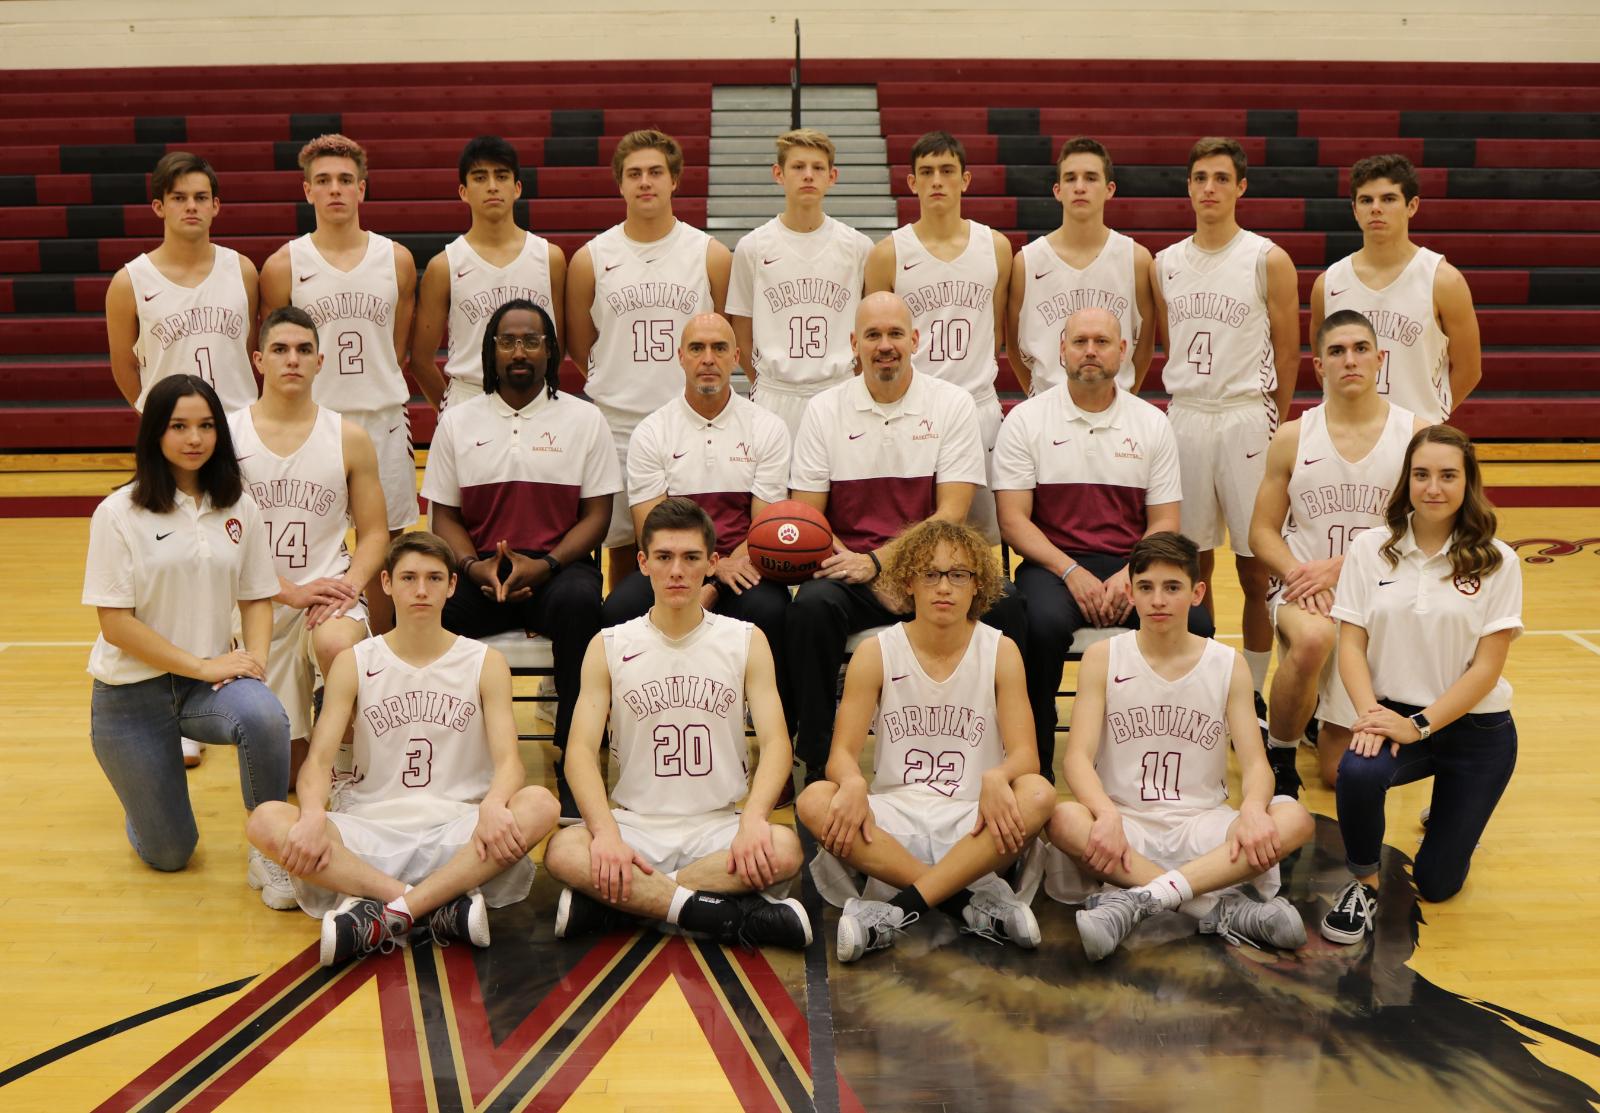 Boys Basketball Team Announced